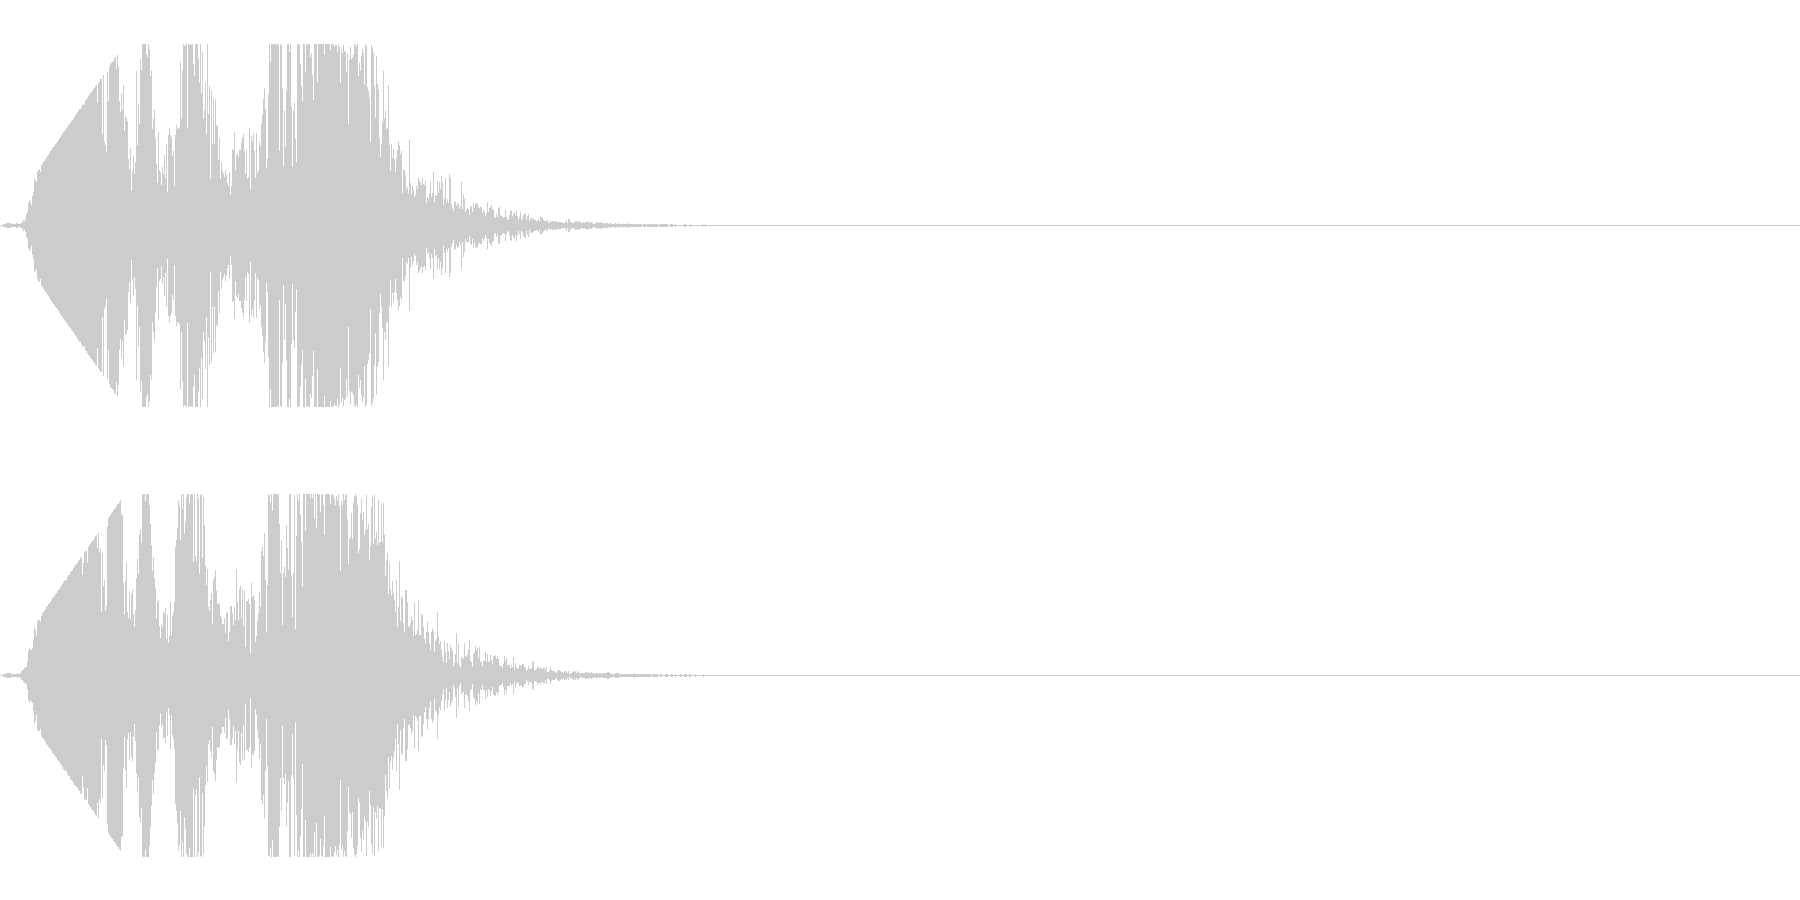 シュポッとブロックやパズルが消える音の未再生の波形